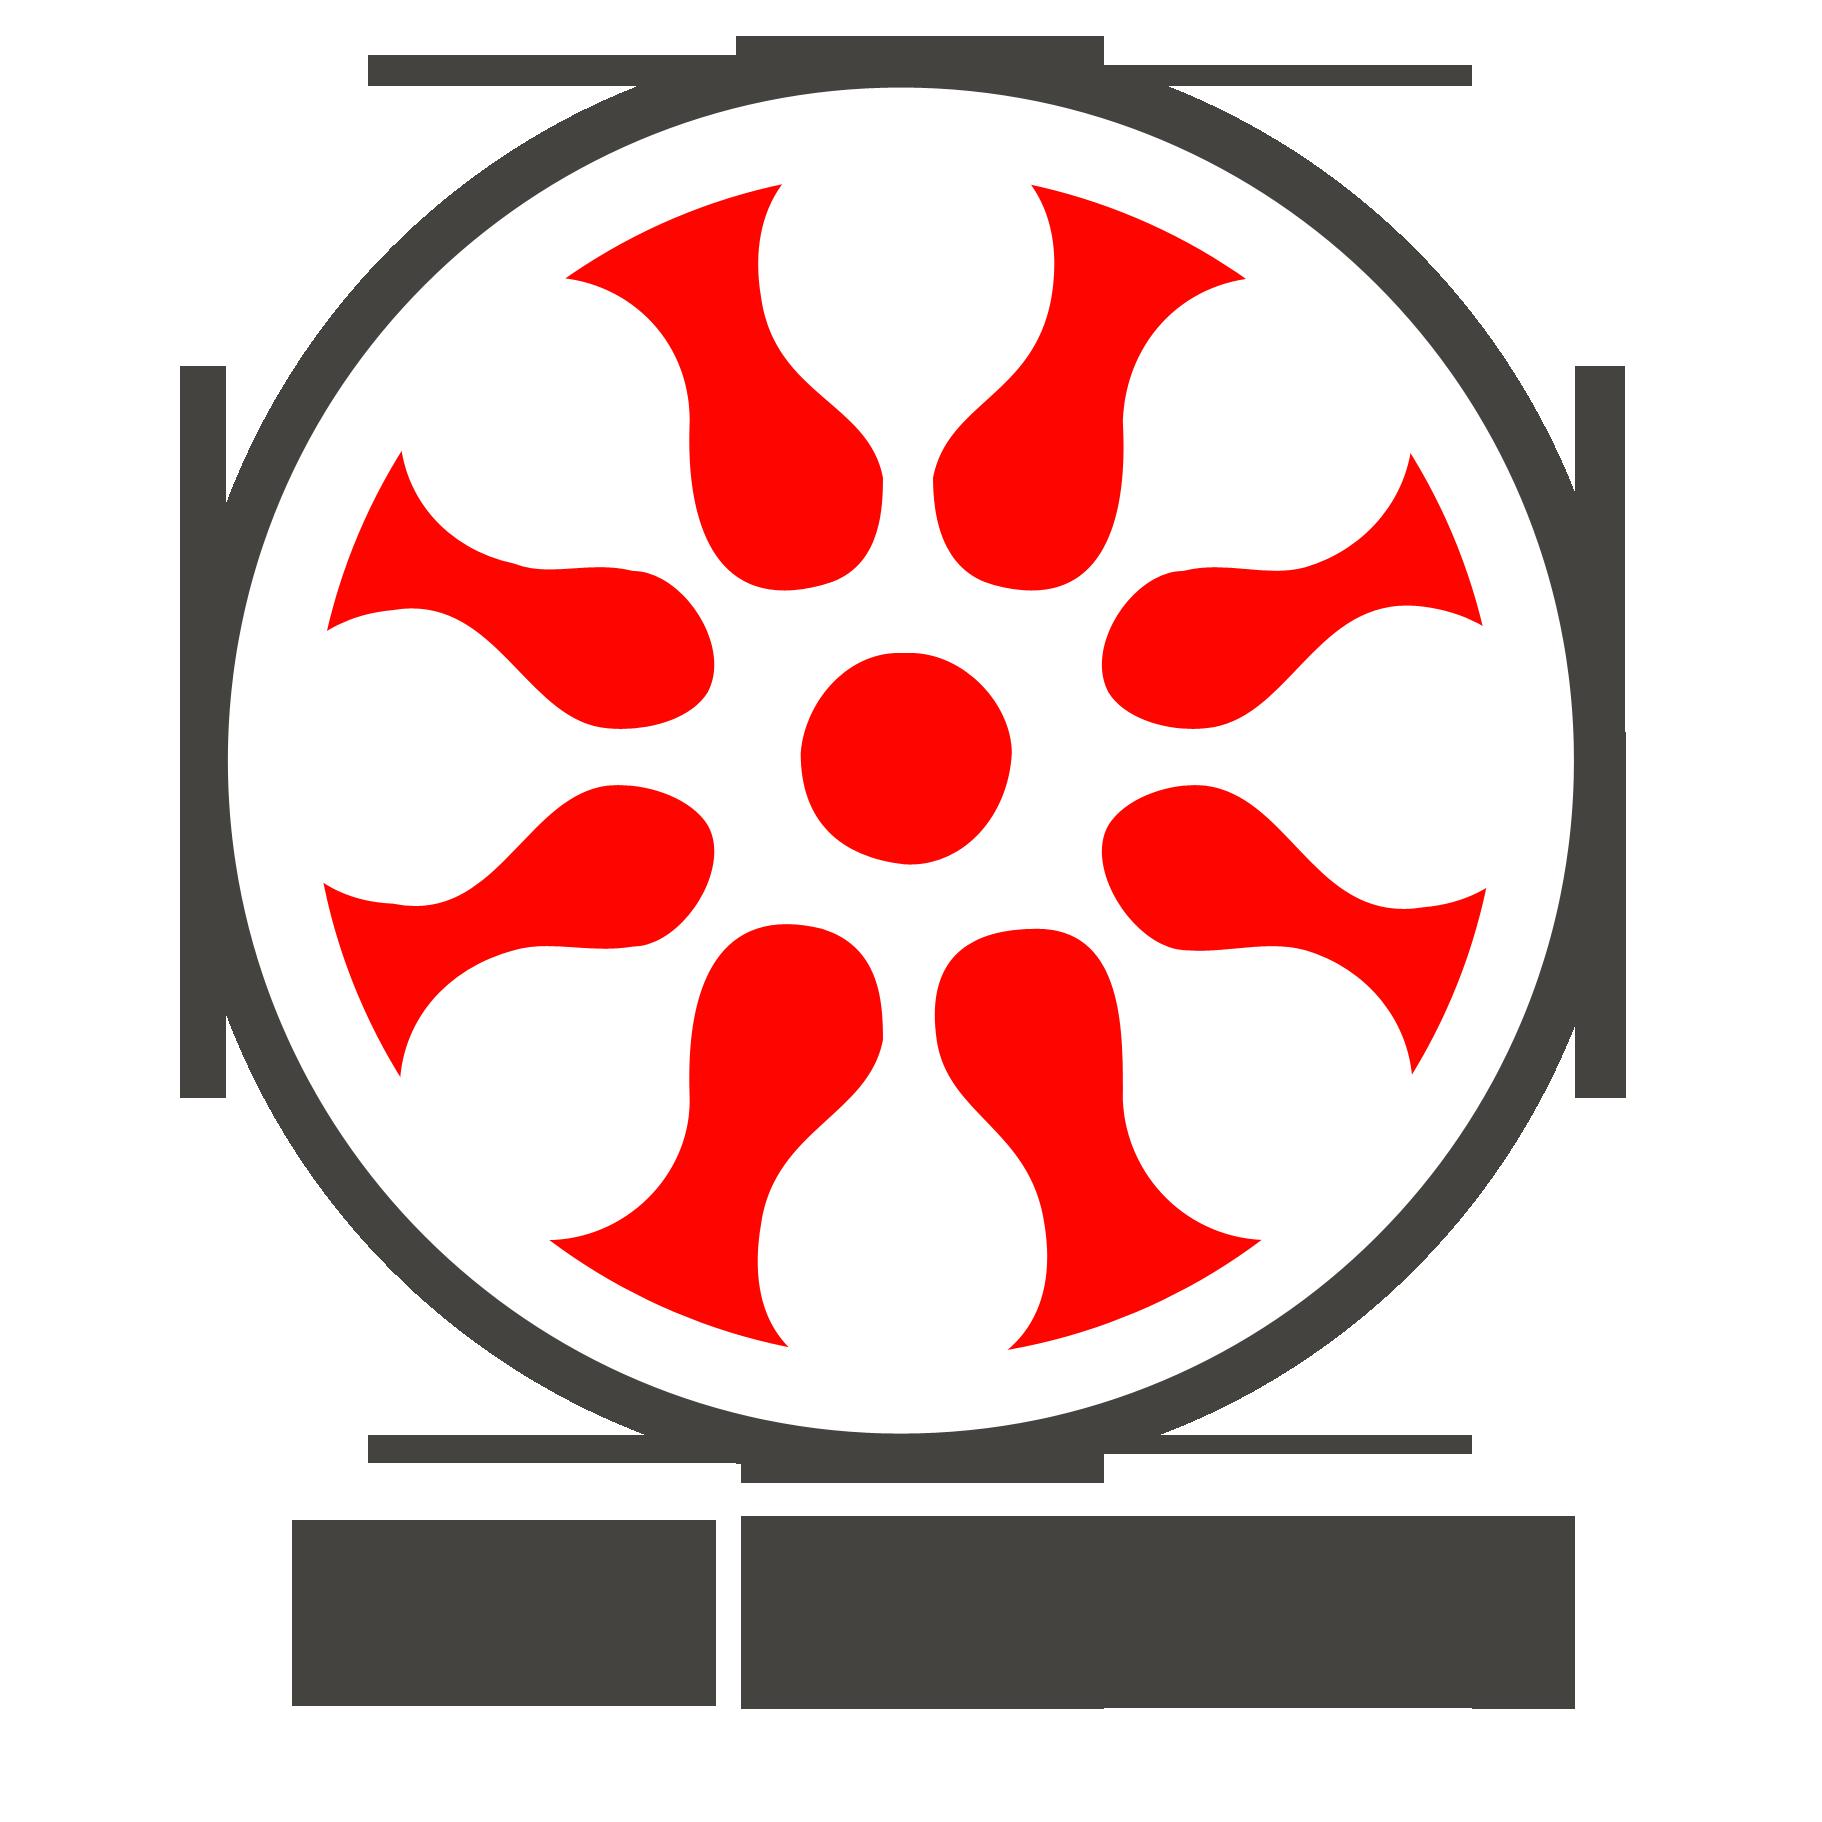 logo logo 标志 设计 矢量 矢量图 素材 图标 1822_1822